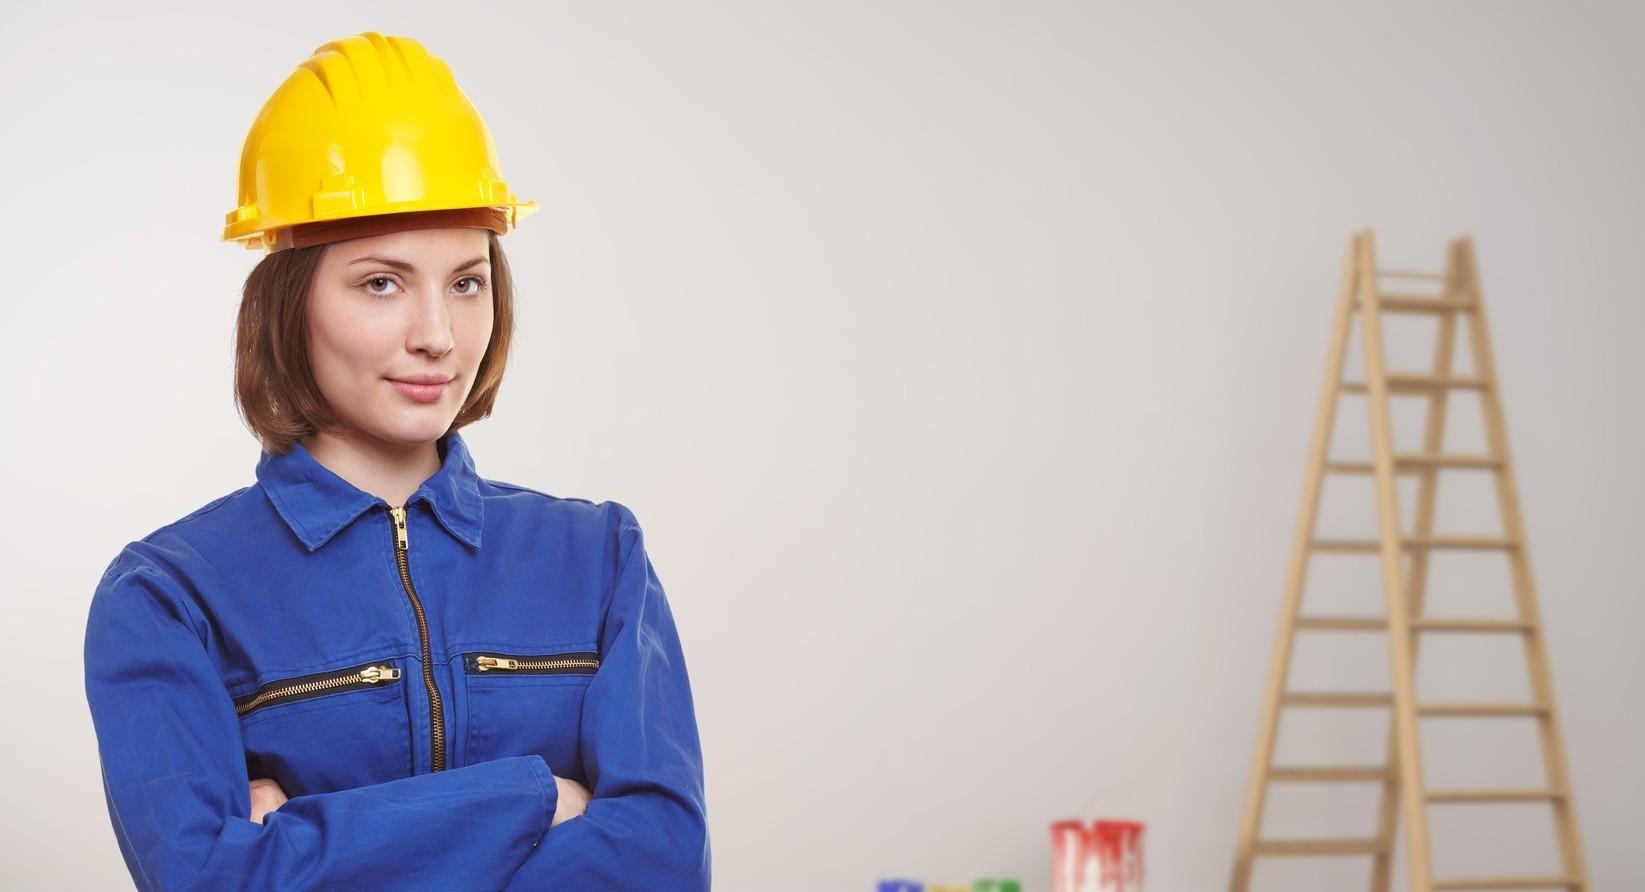 Frau als Handwerker bei Renovierung in einem leeren Zimmer mit Leiter